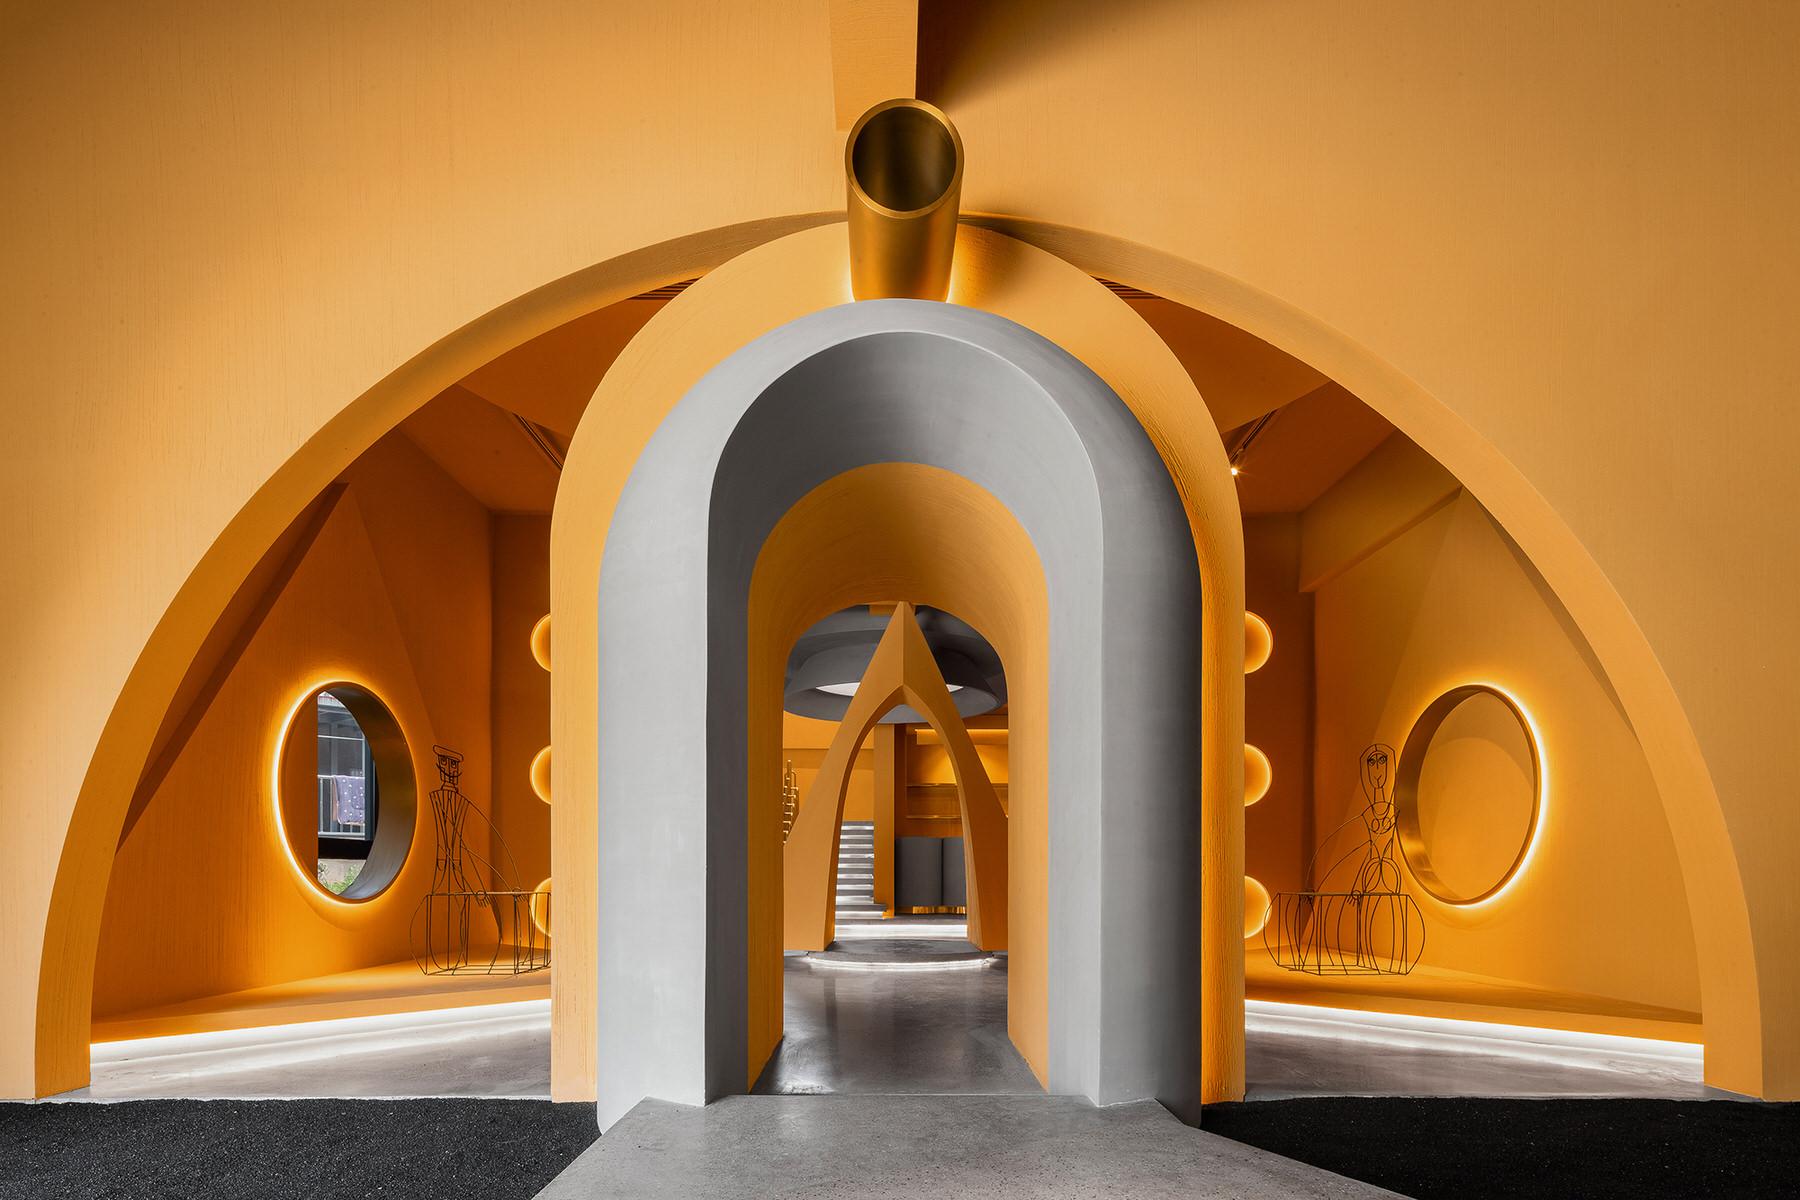 מוזיאון !Ya Space בסין, מוקדש לעיצוב קבוצת ממפיס